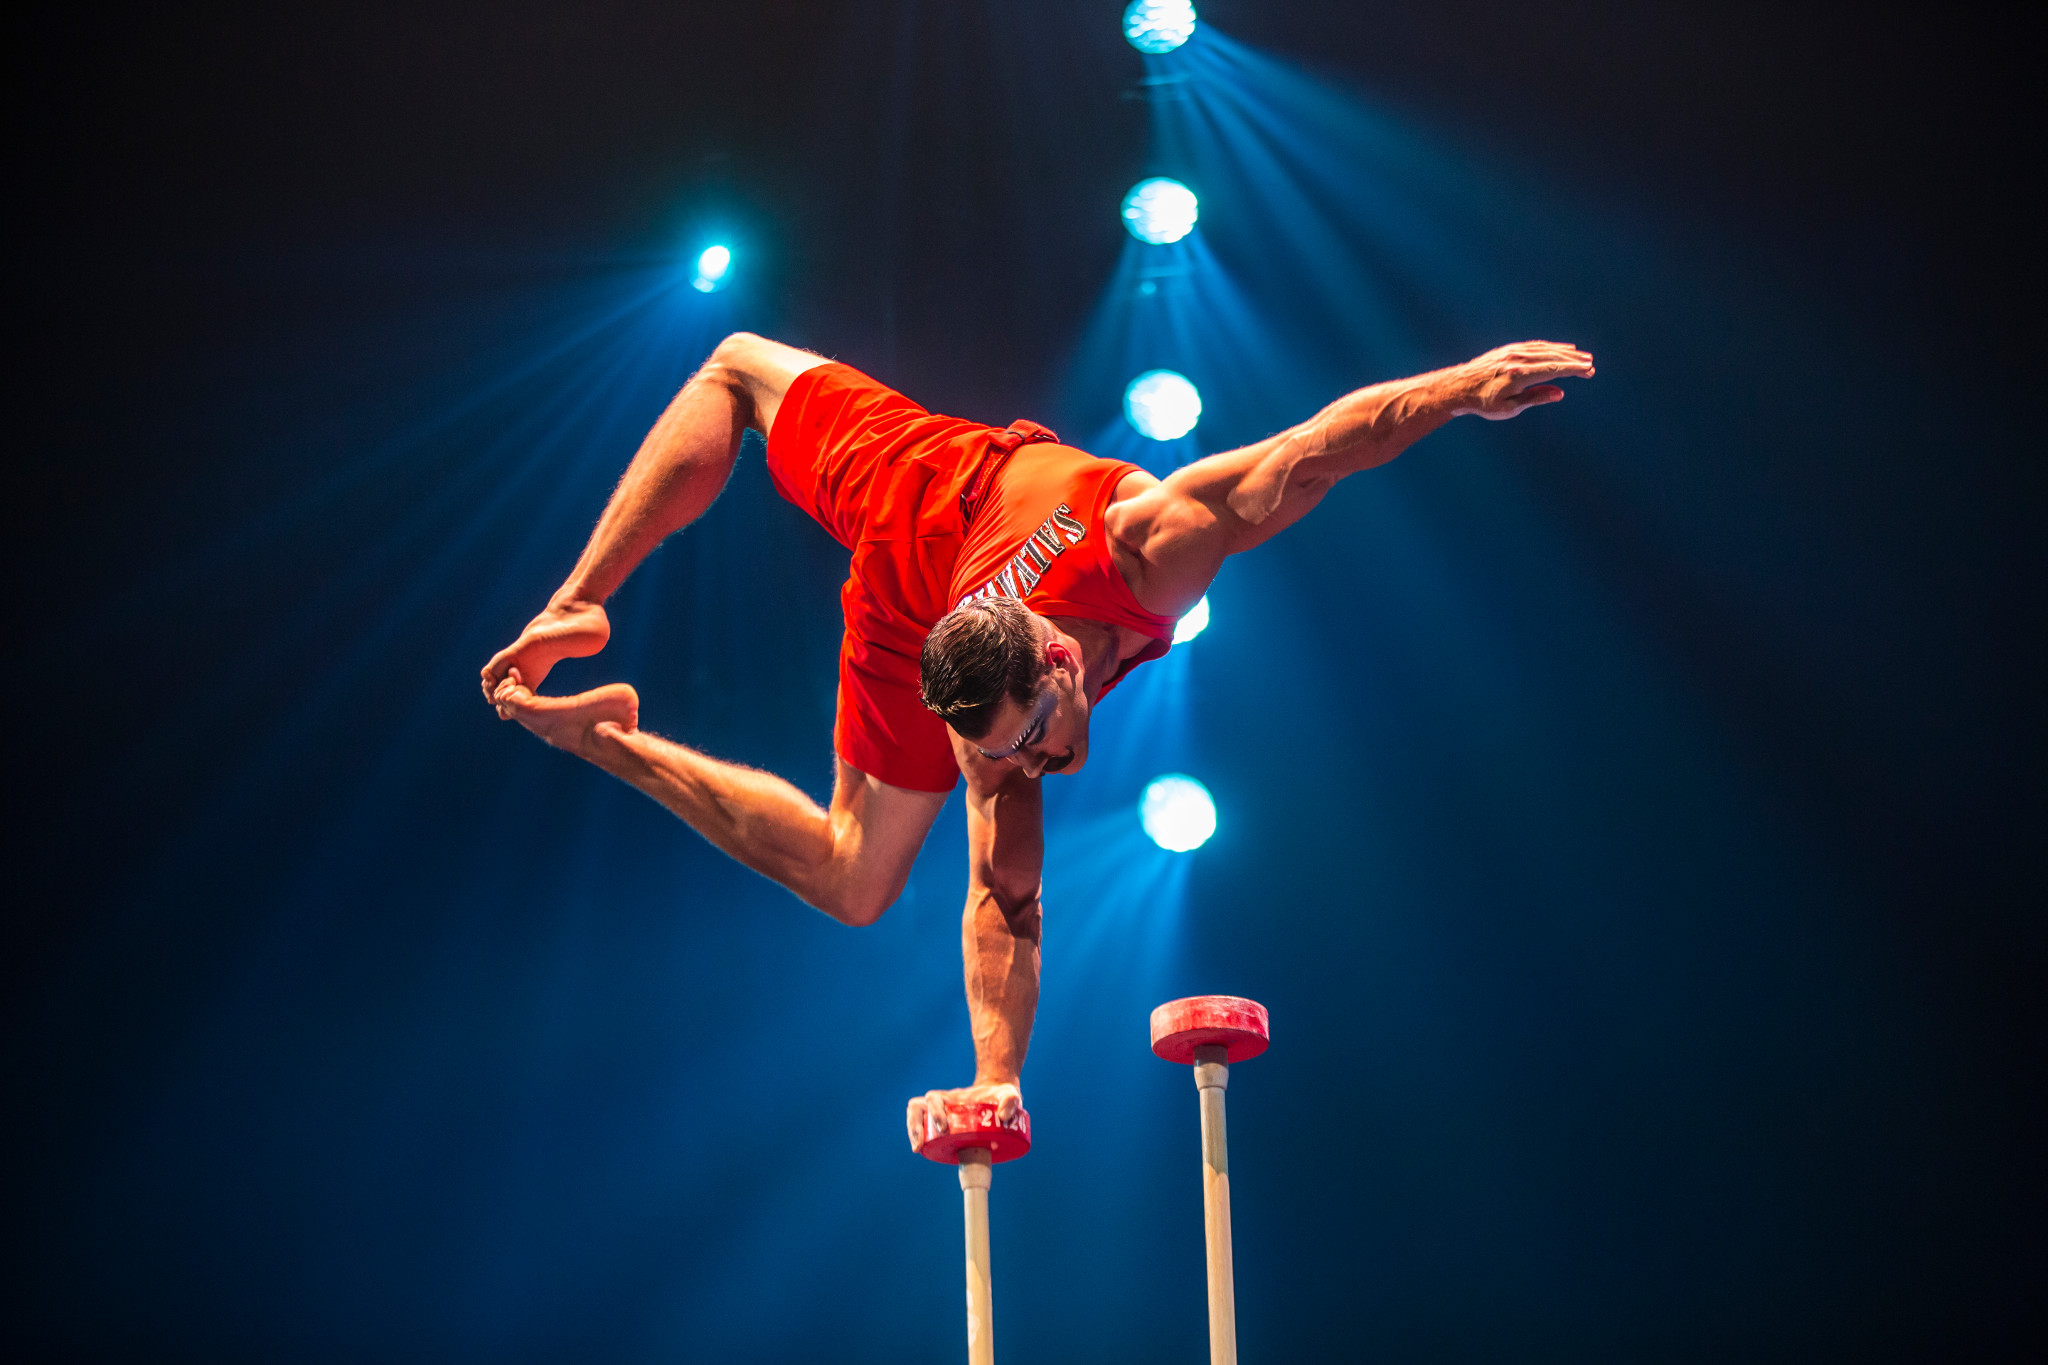 Cirque Du Soleil München 2019